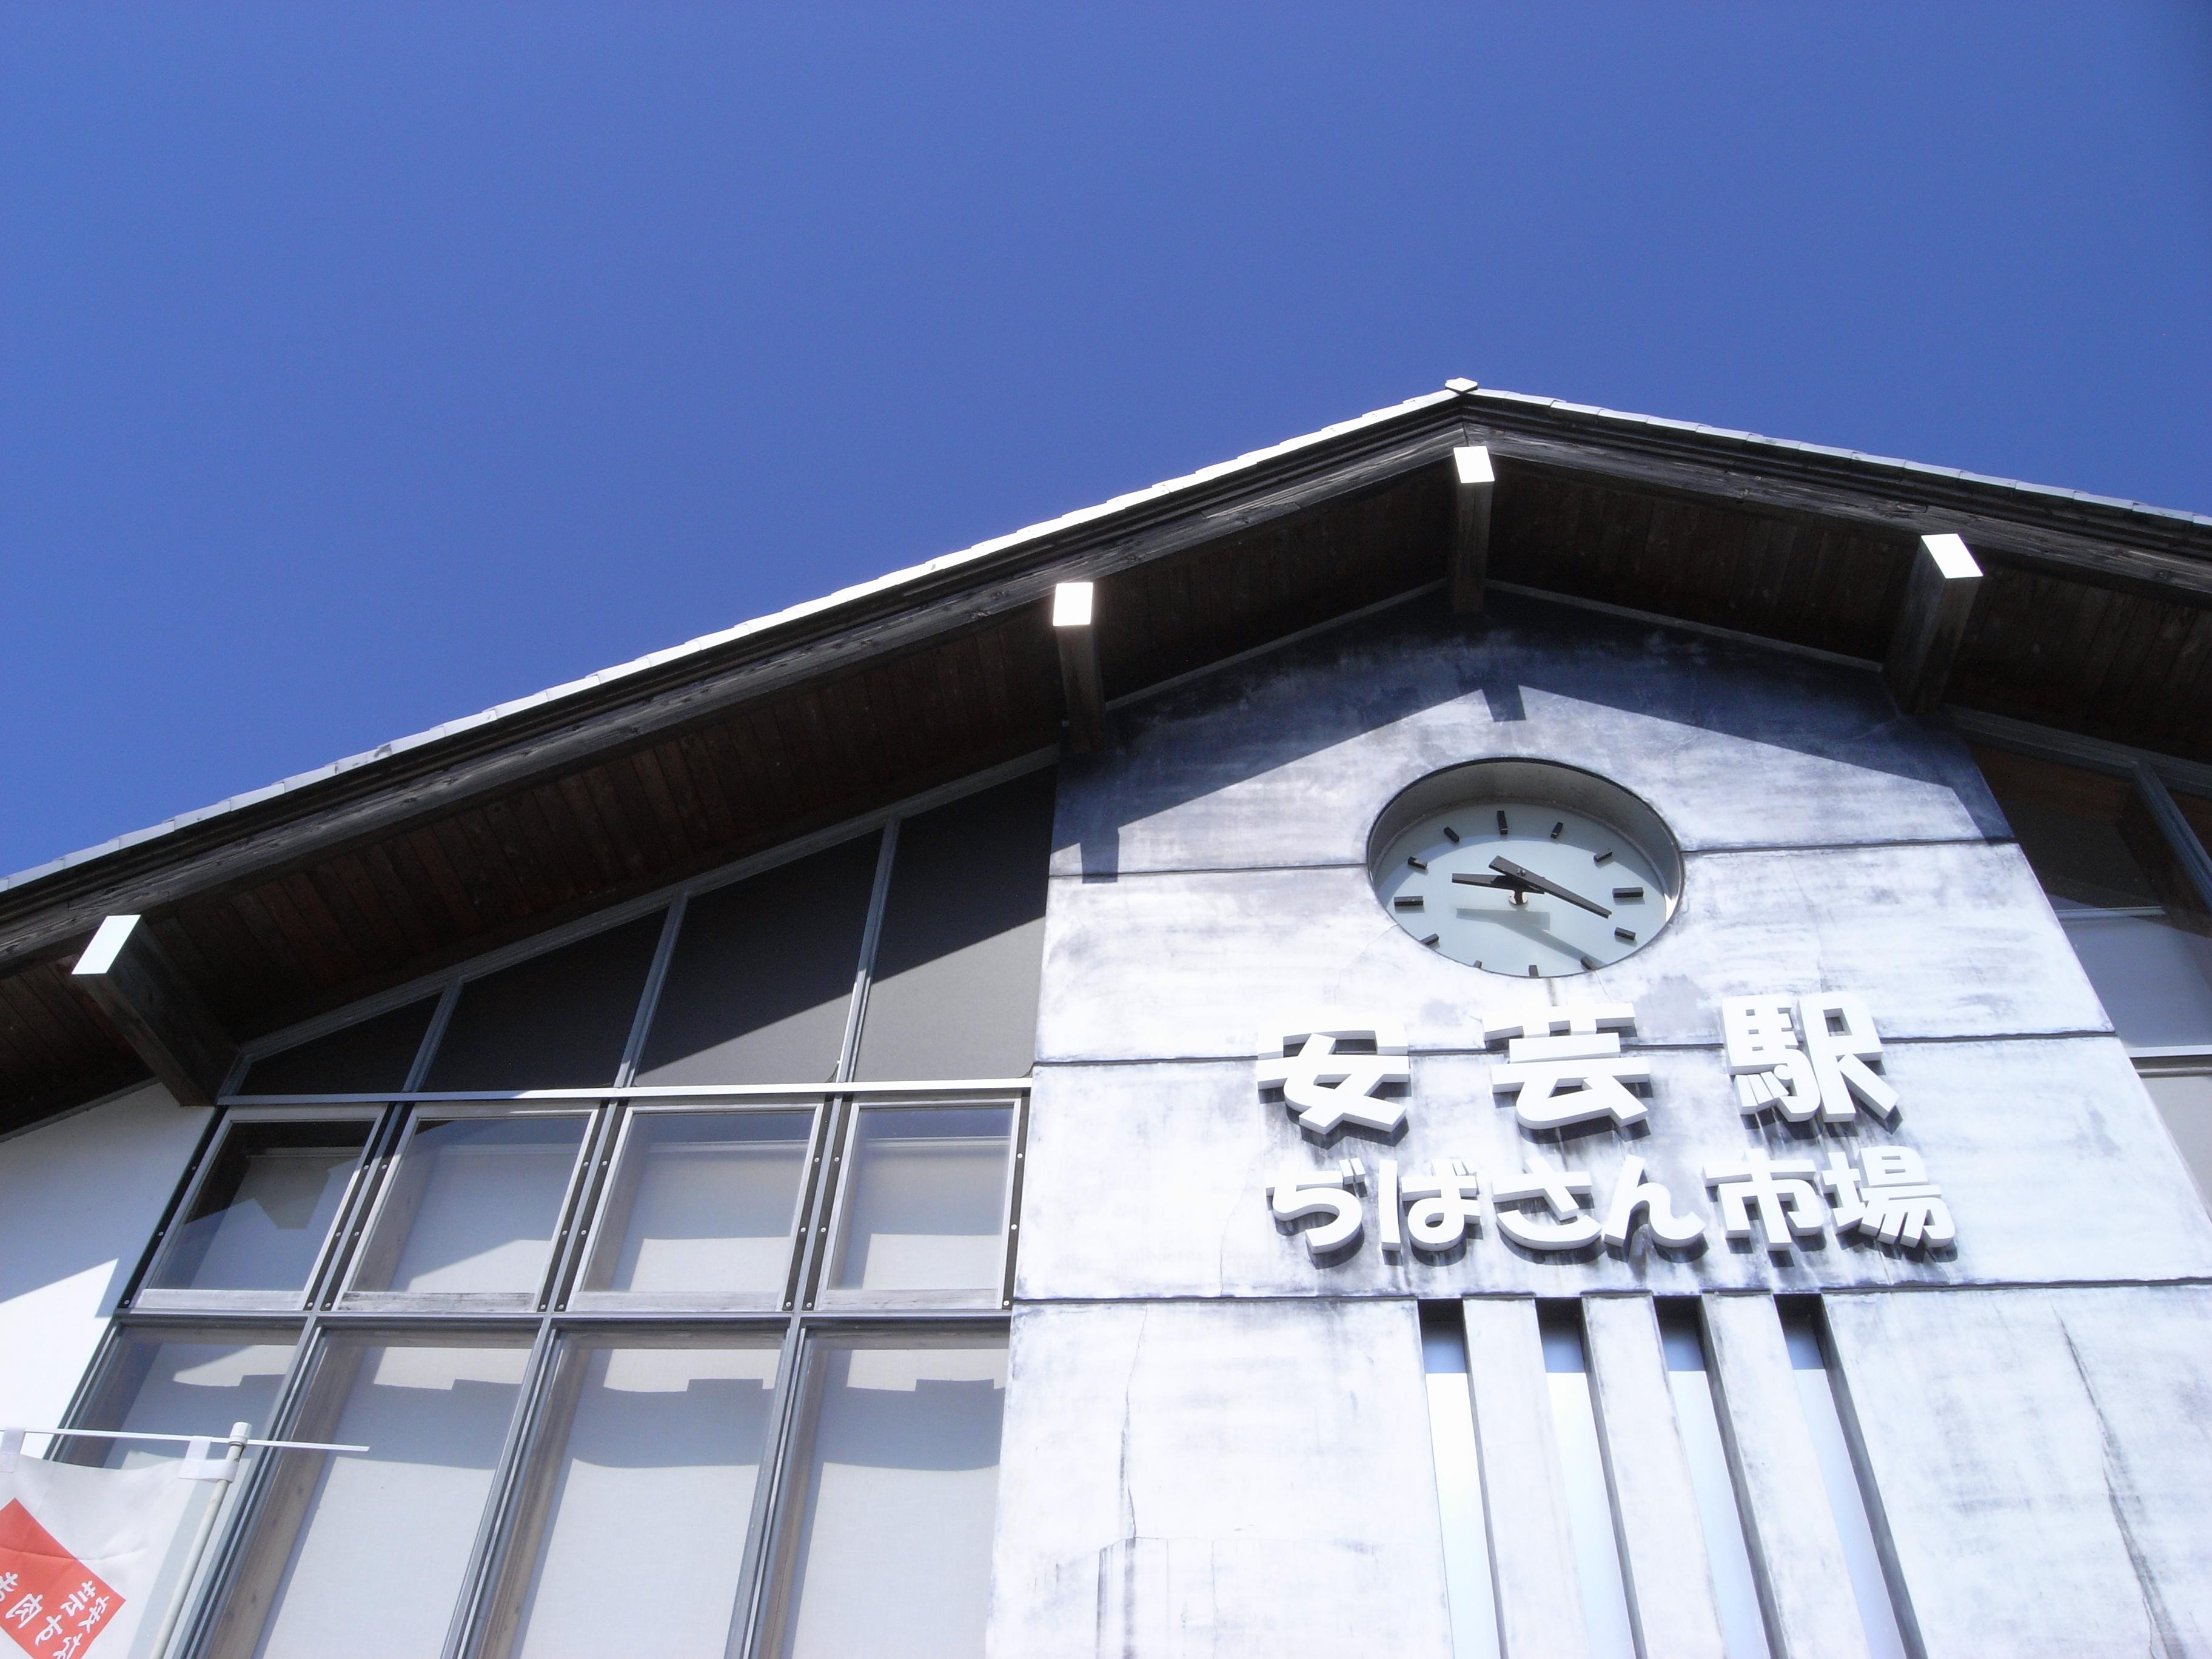 土佐くろしお鉄道 ごめん・なはり線 安芸駅